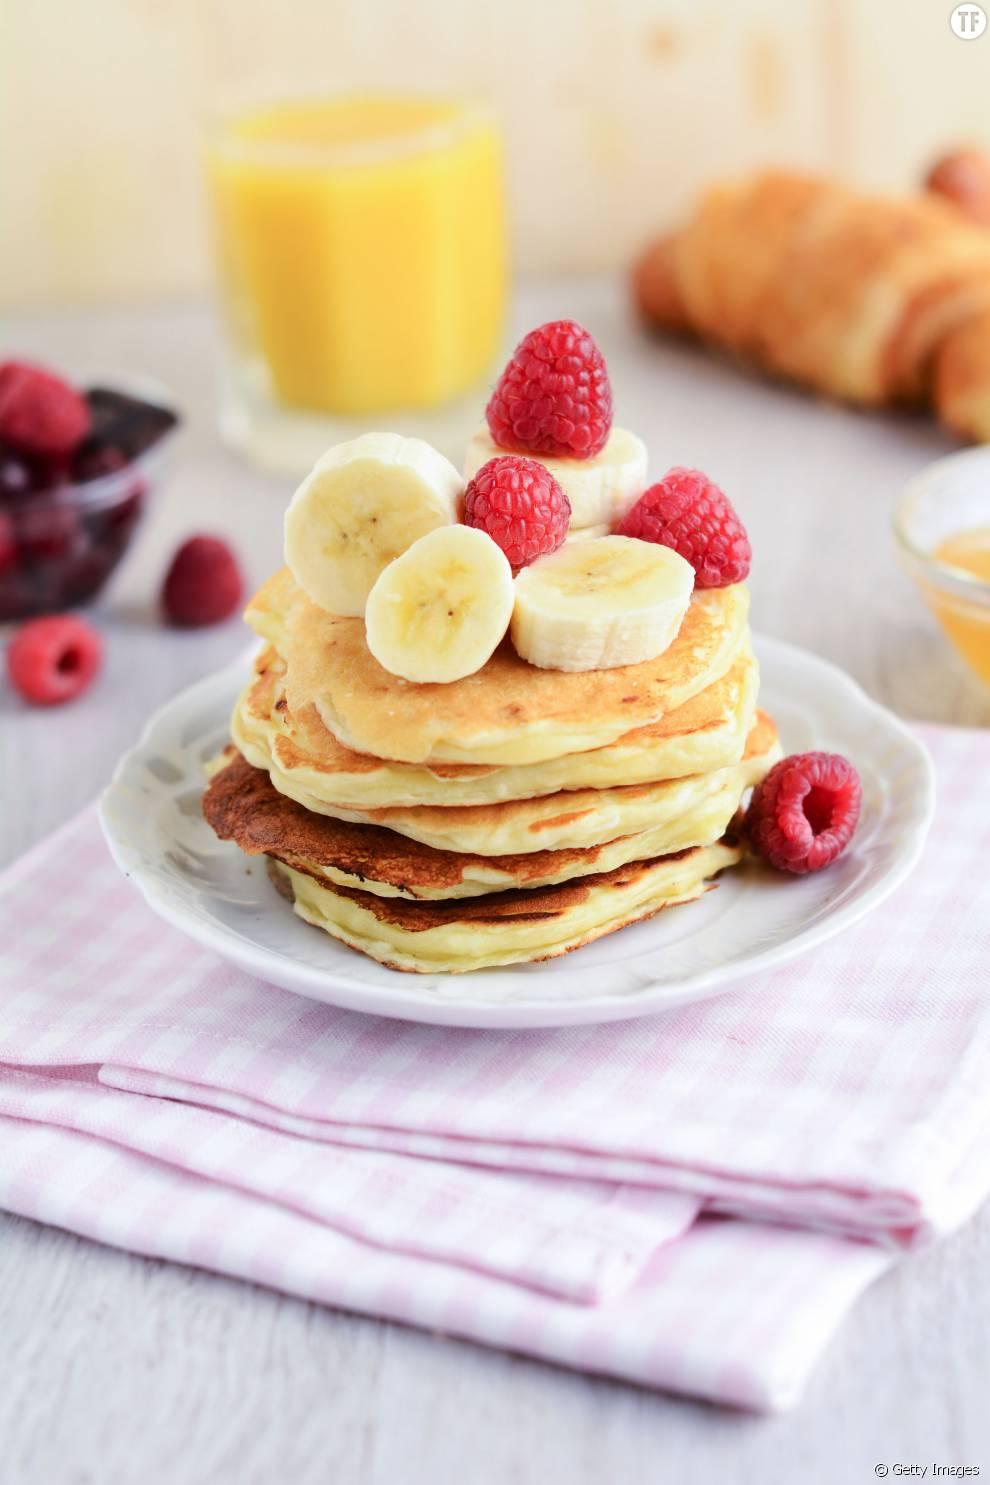 Pancakes à la banane en deux ingrédients et cinq minutes: essayez!